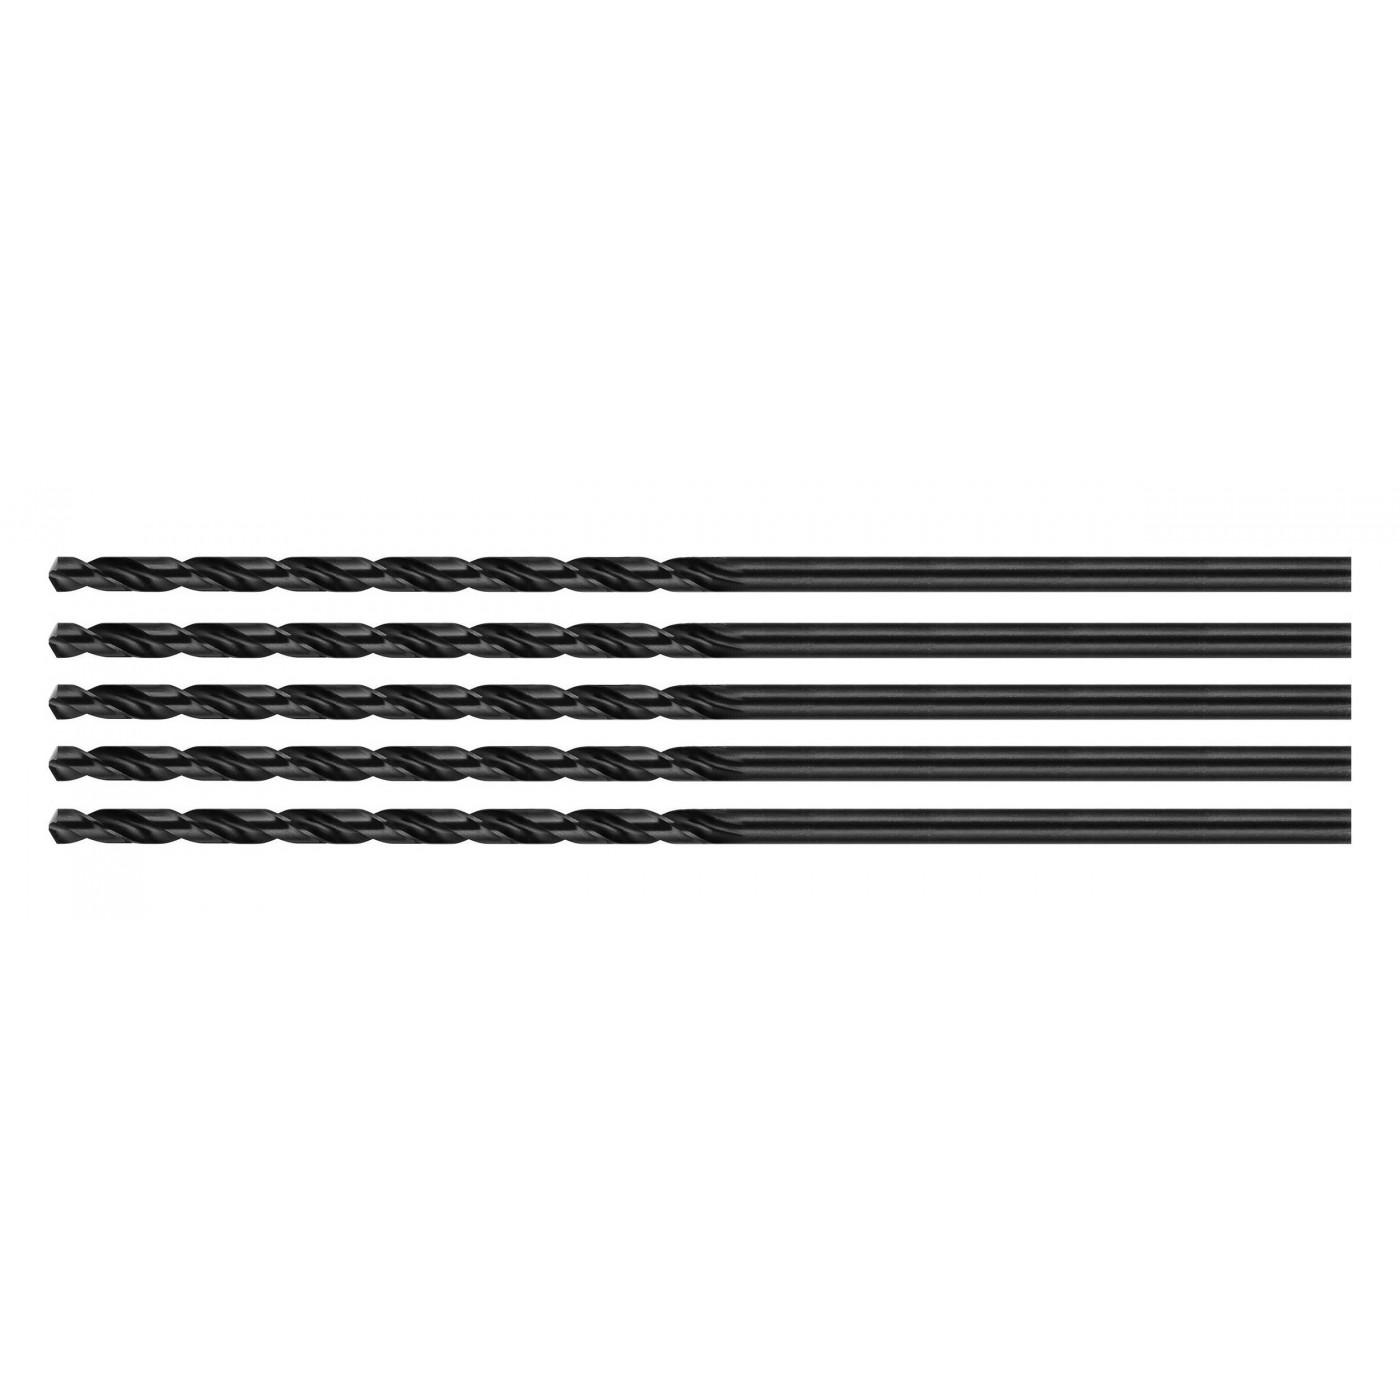 Conjunto de 5 brocas de metal (HSS, 3,5x200 mm)  - 1